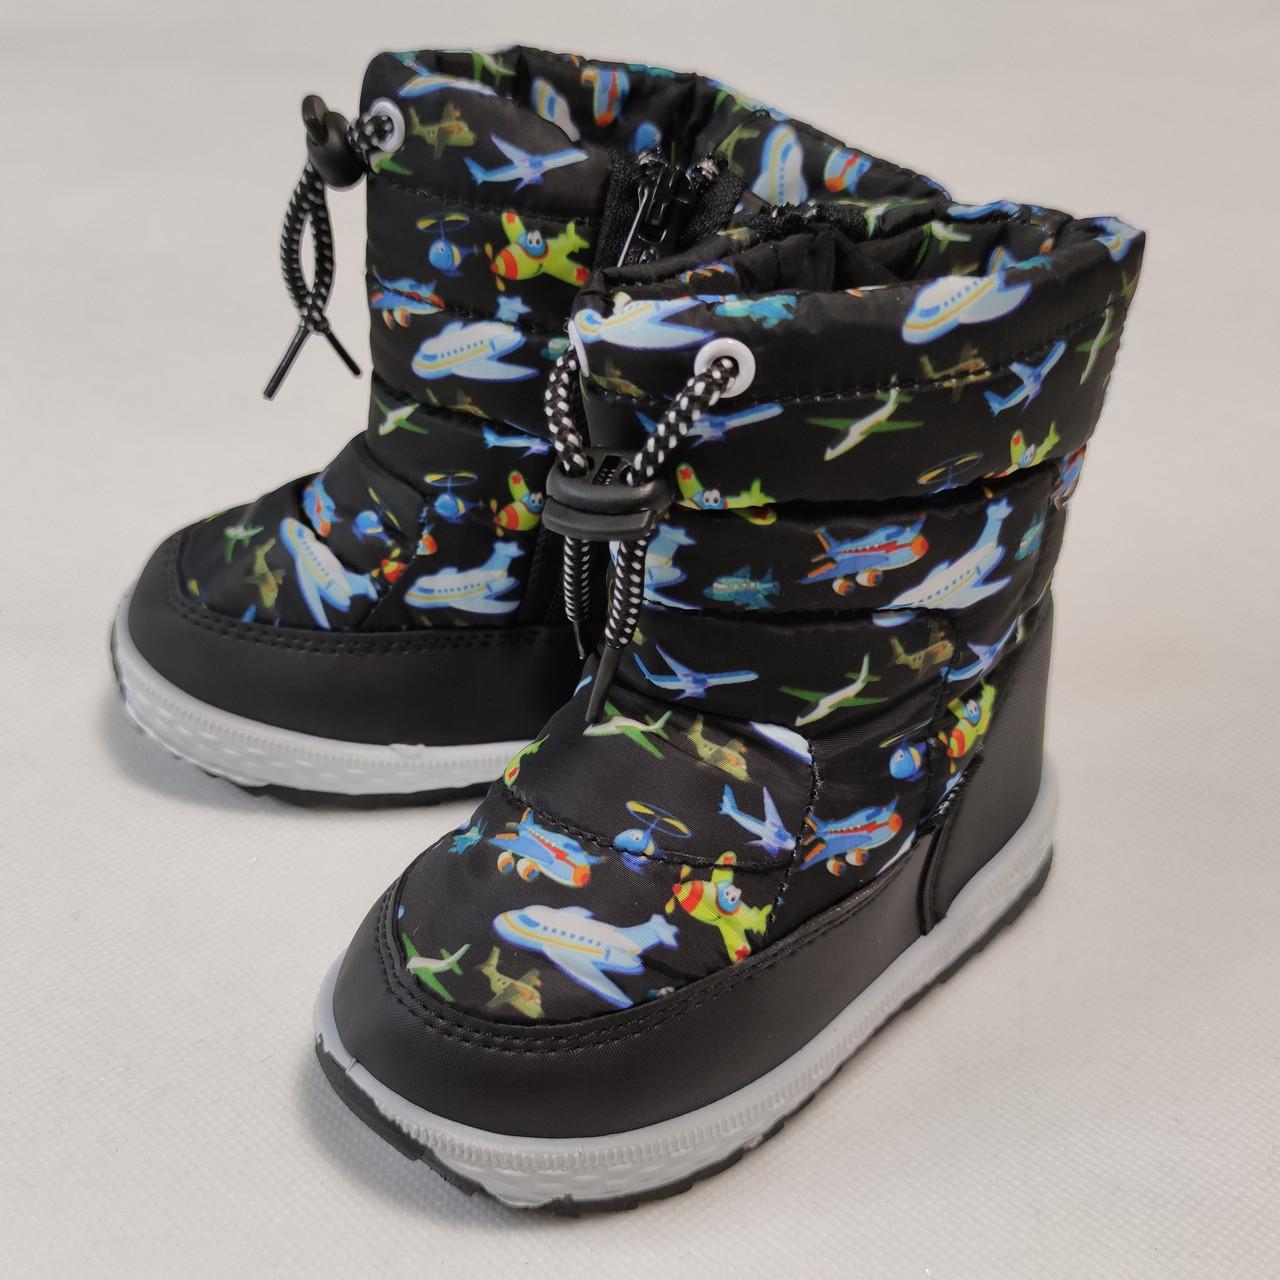 Детские дутики зимние теплые сапоги на зиму для мальчика черные Libang 30р 19см